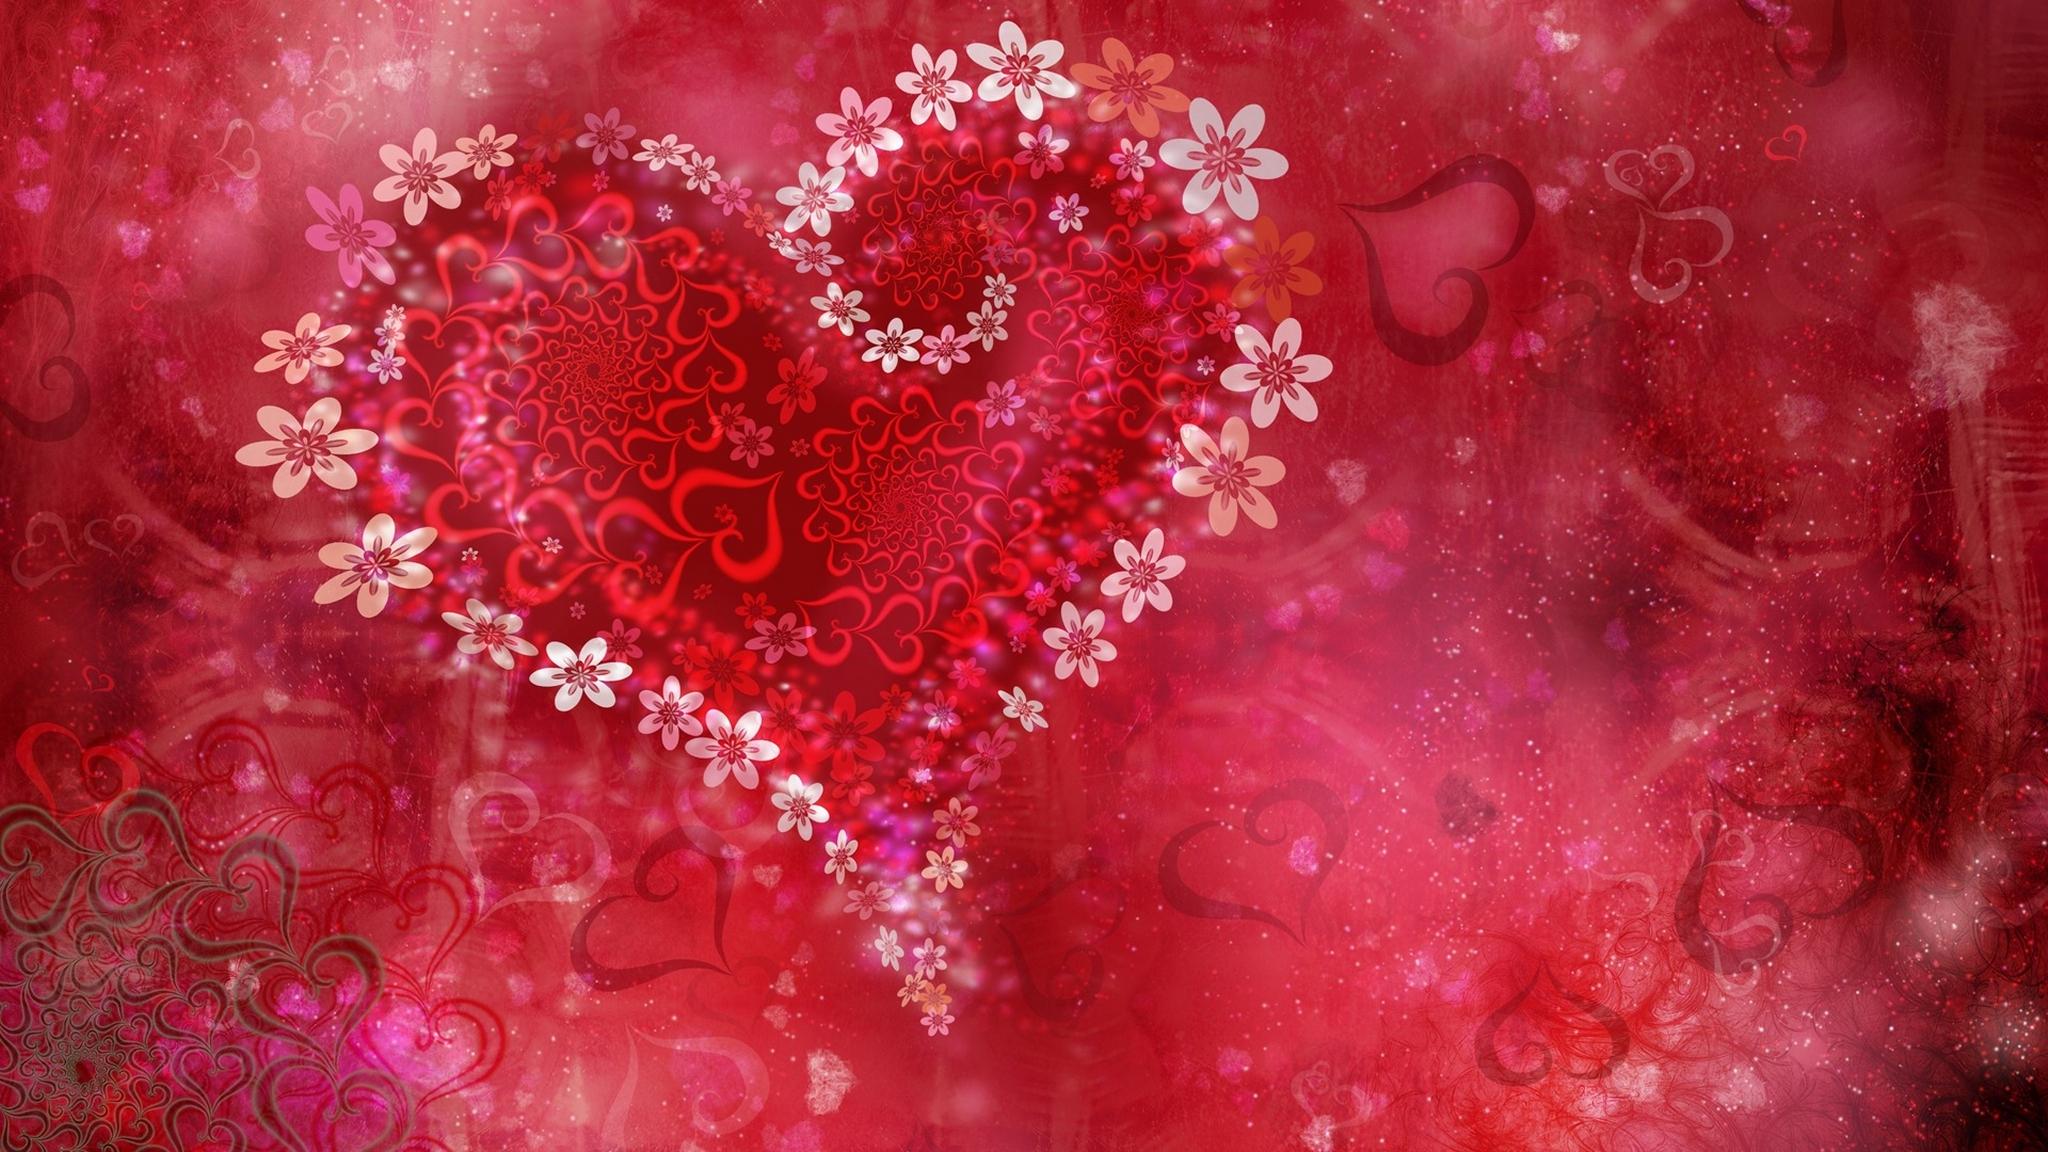 Aşk Duvar Kağıtları 14 Aşk Resimleri Aşk Sevgi Sitesi Aşk